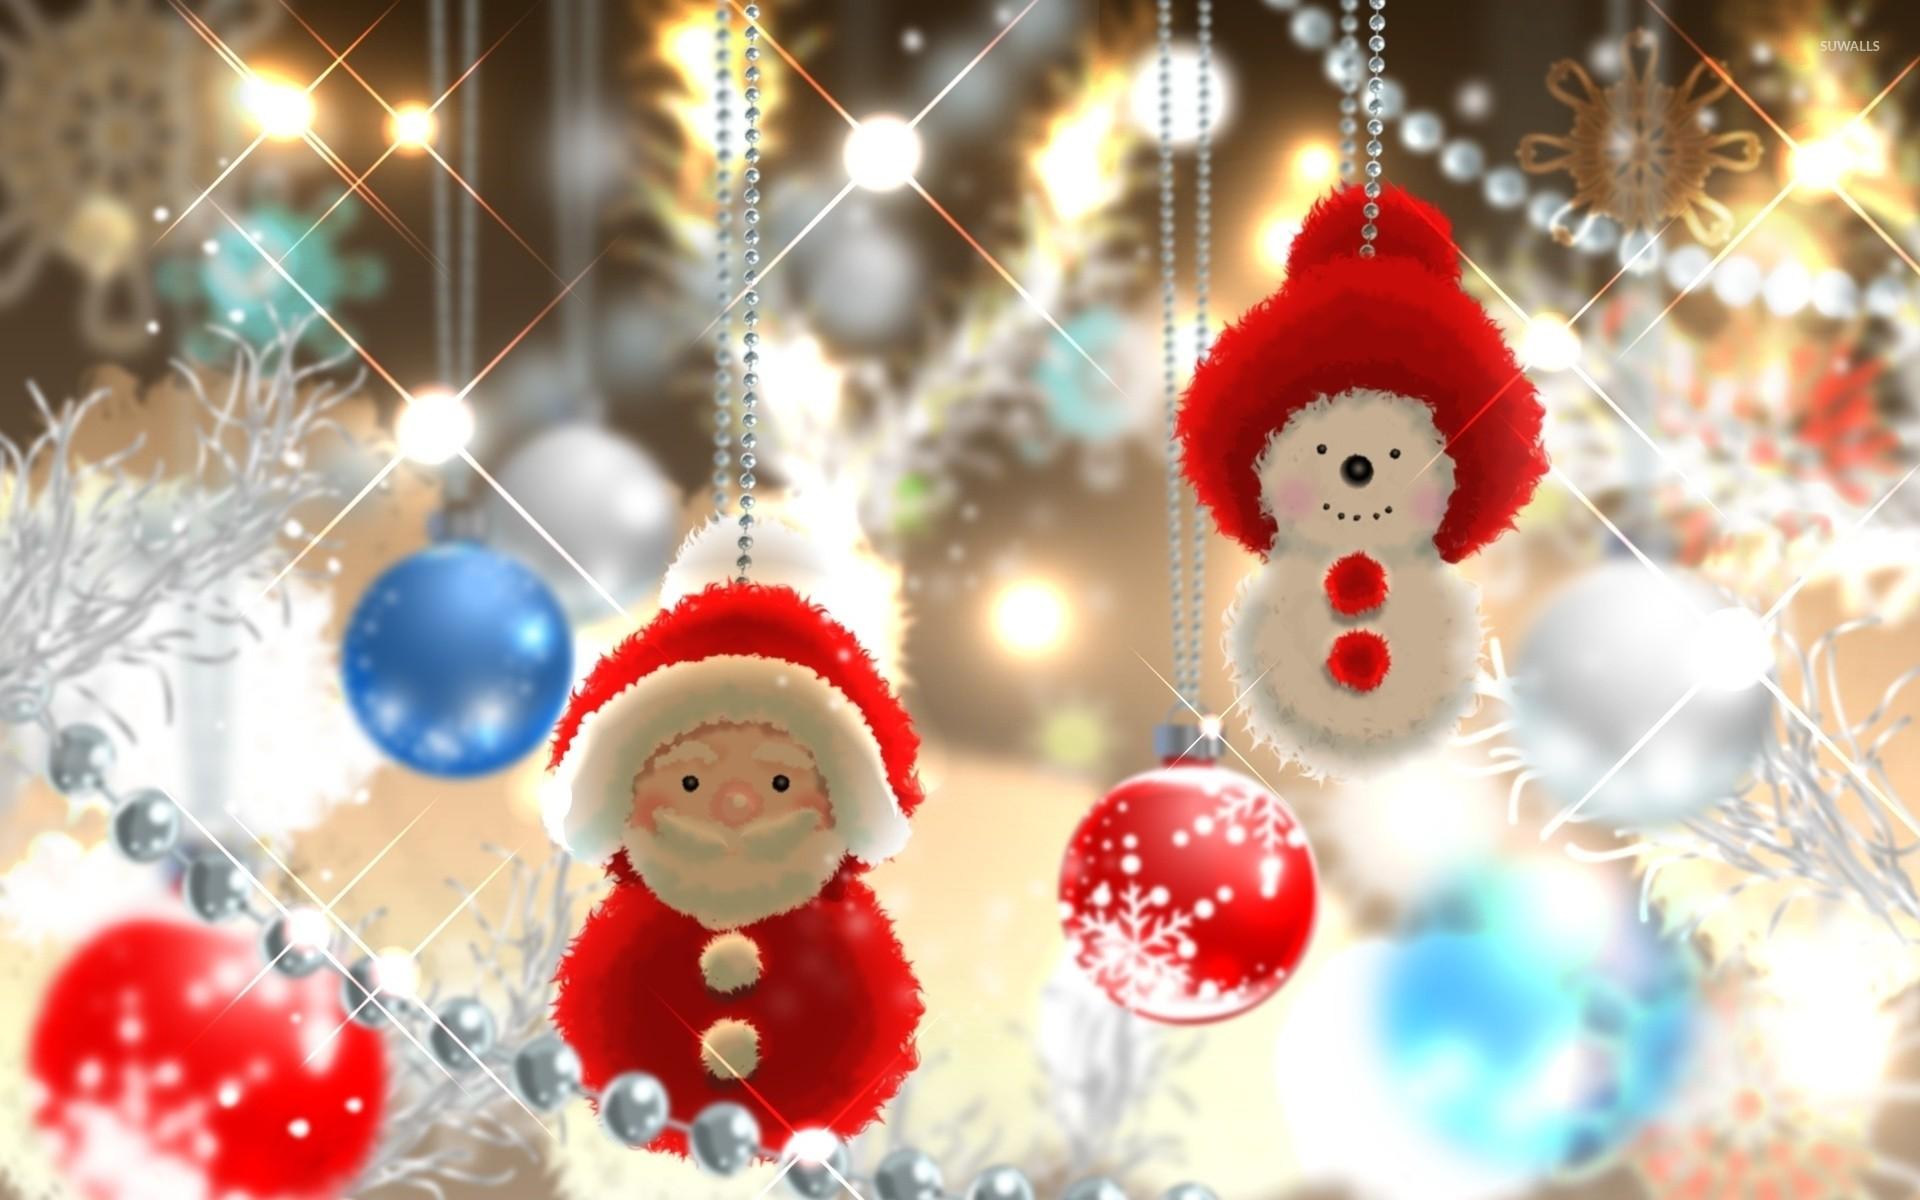 Reindeer Wallpaper Cute Santa Wallpaper 73 Images